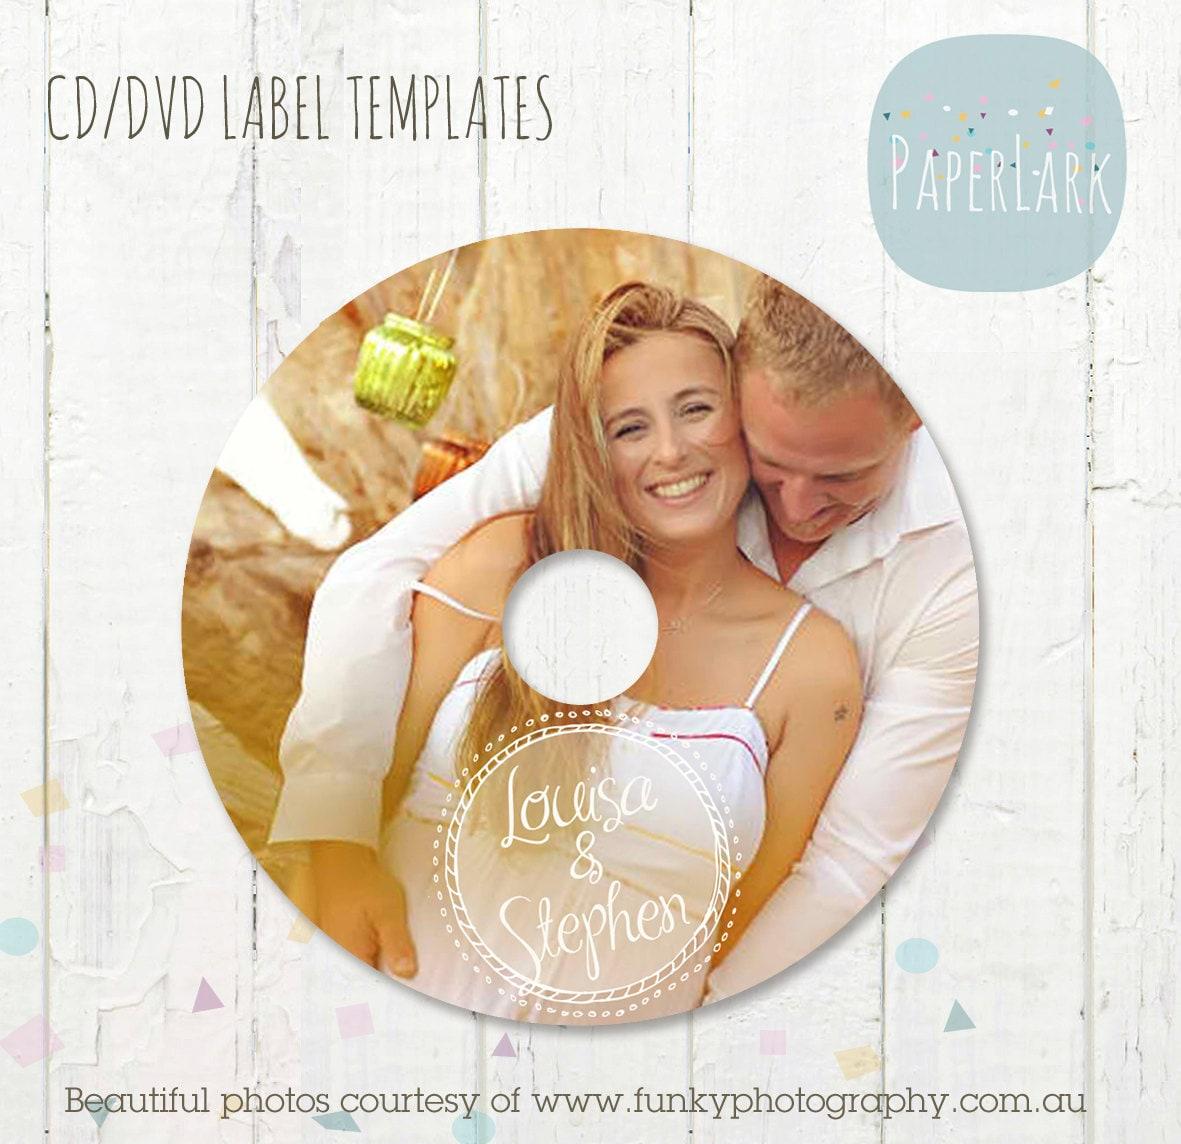 cd dvd label photoshop template es003 instant download. Black Bedroom Furniture Sets. Home Design Ideas